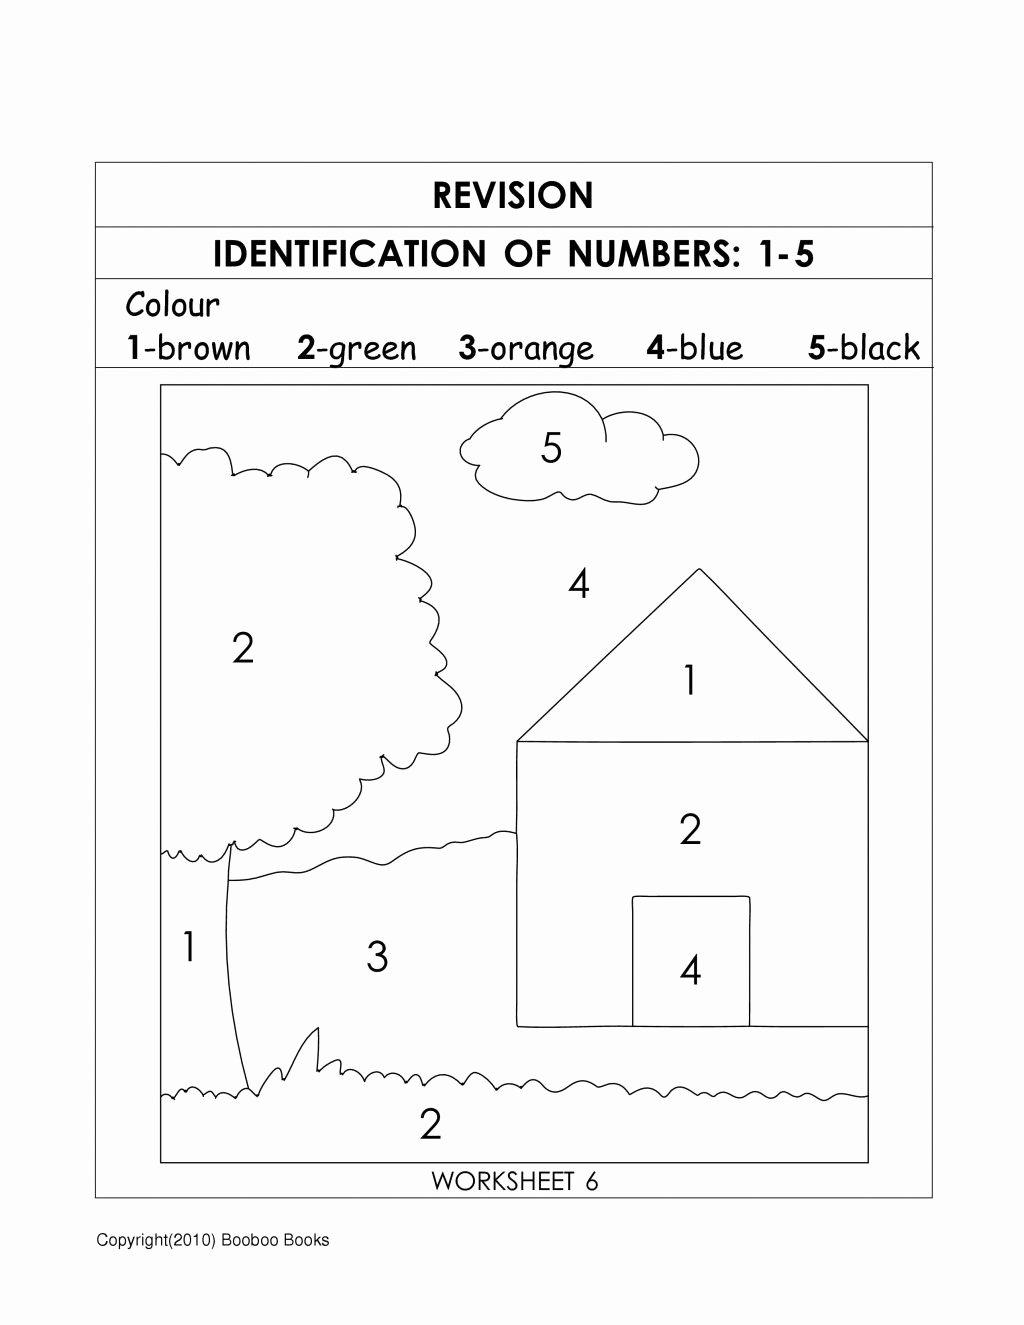 Number Recognition Worksheets for Preschoolers Fresh Number Recognition Worksheets & Activities